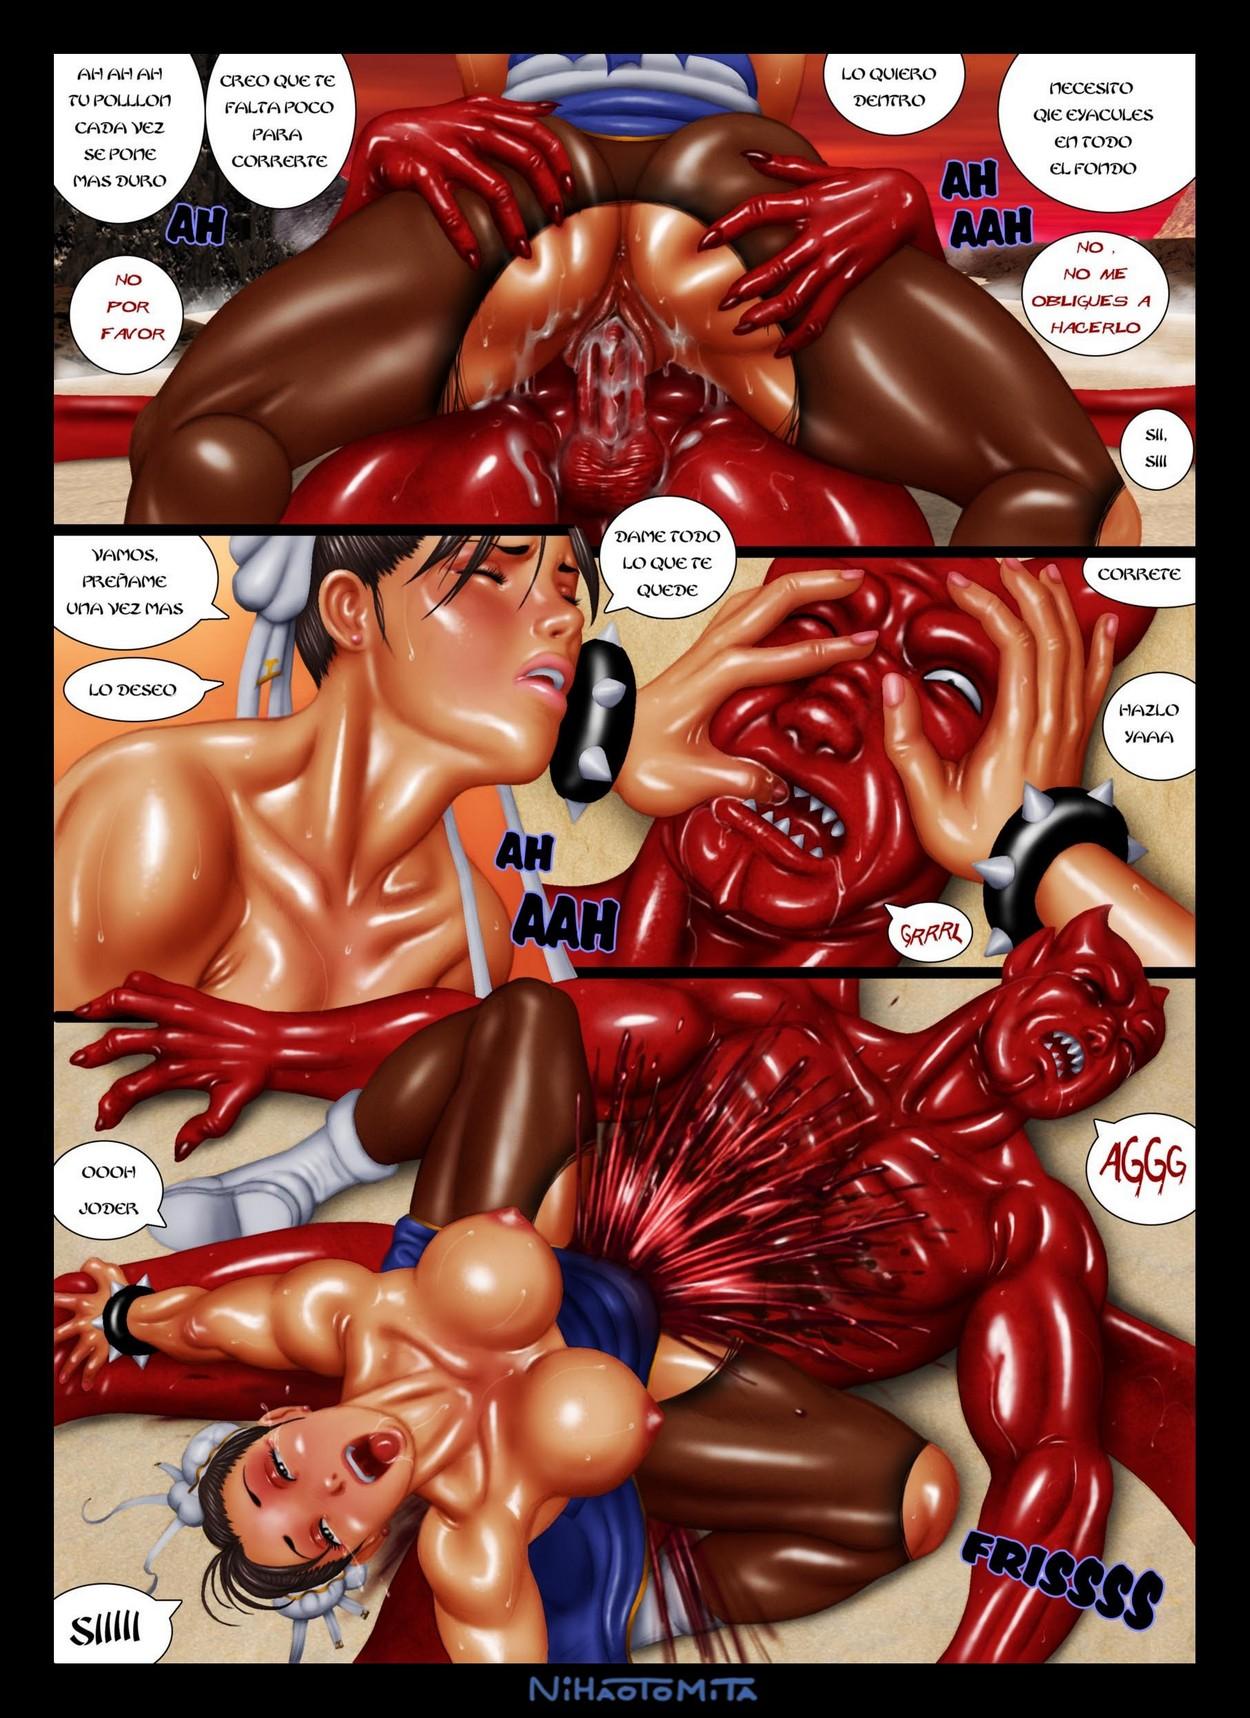 comic porno comic porno